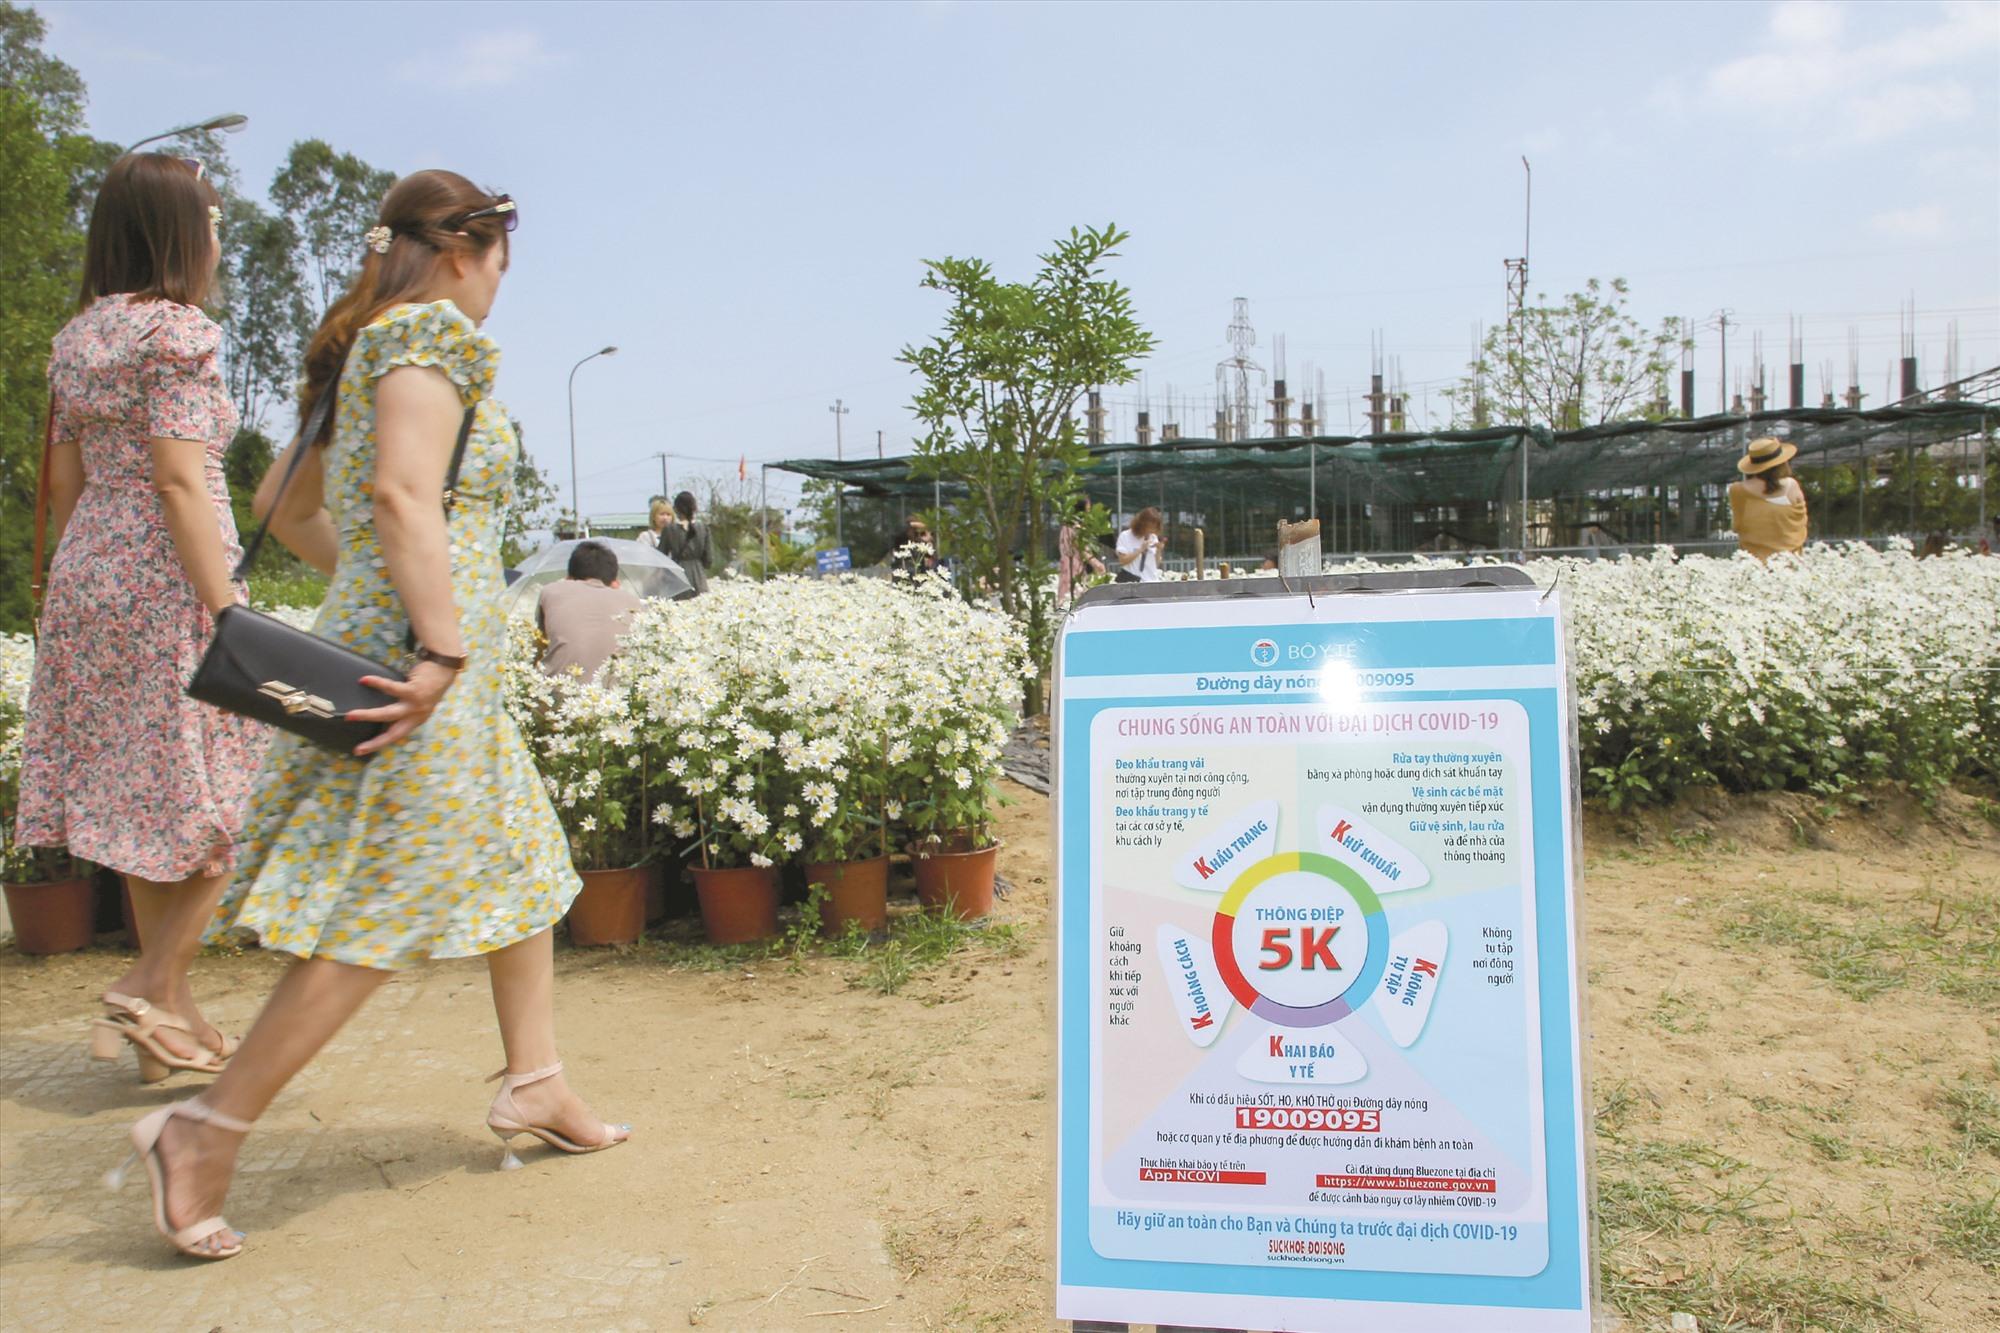 """Tại vườn hoa đặt biển tuyên truyền thông điệp """"5K"""" của Bộ Y tế về phòng chống dịch Covid-19. Khách khi vào cổng, được đo thân nhiệt, sát khuẩn tay."""